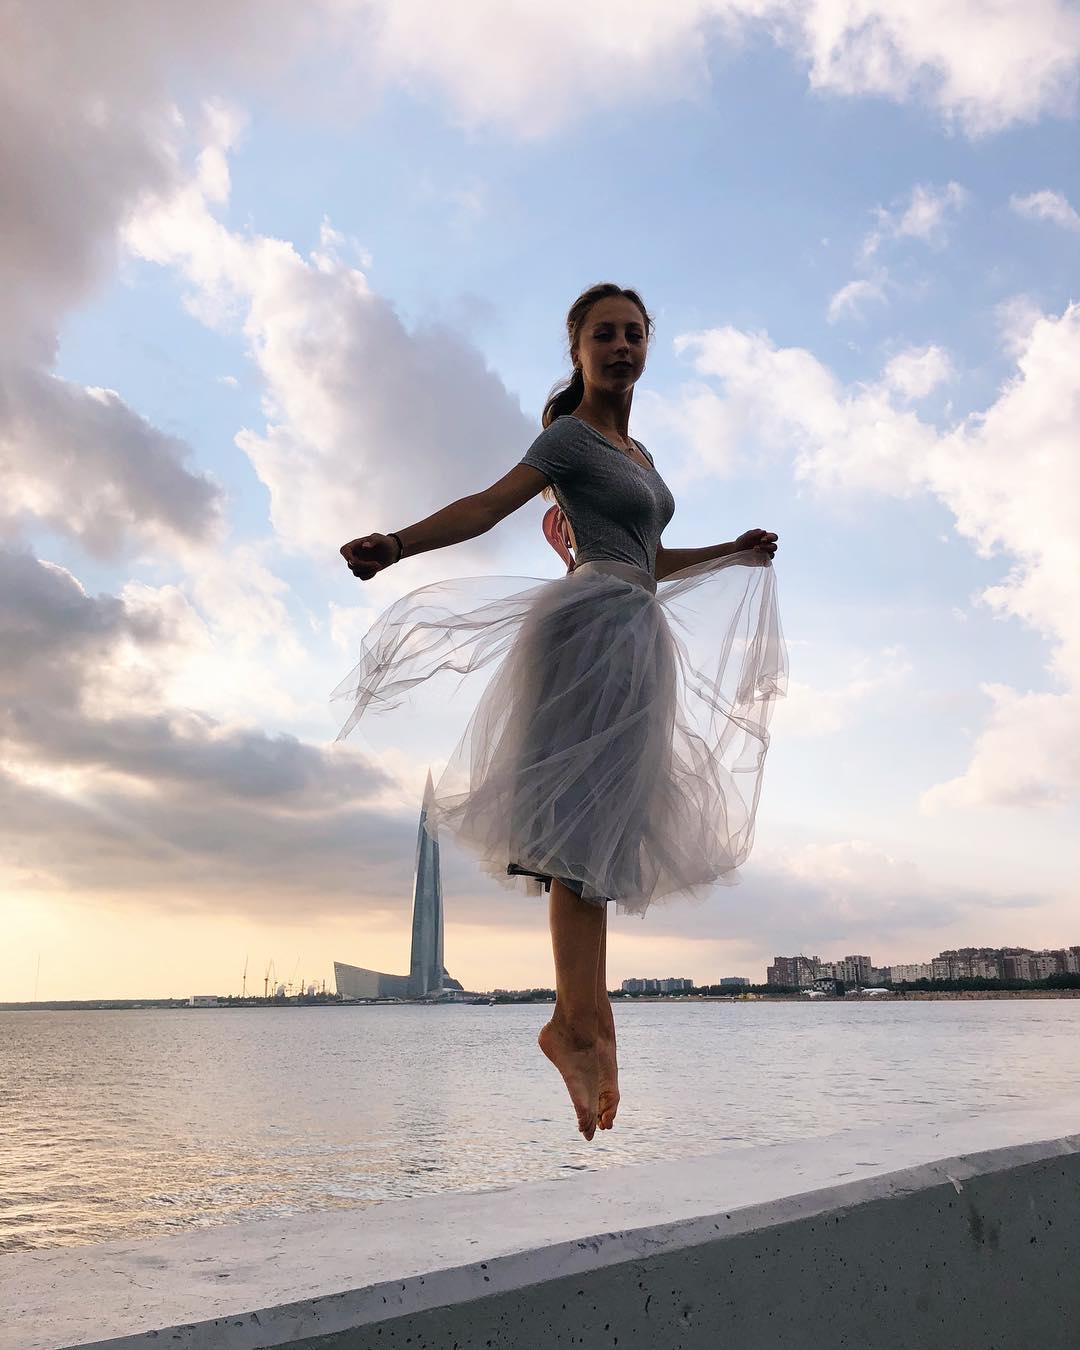 Александра Бойкова-Дмитрий Козловский - Страница 12 CIakrSLAjBE